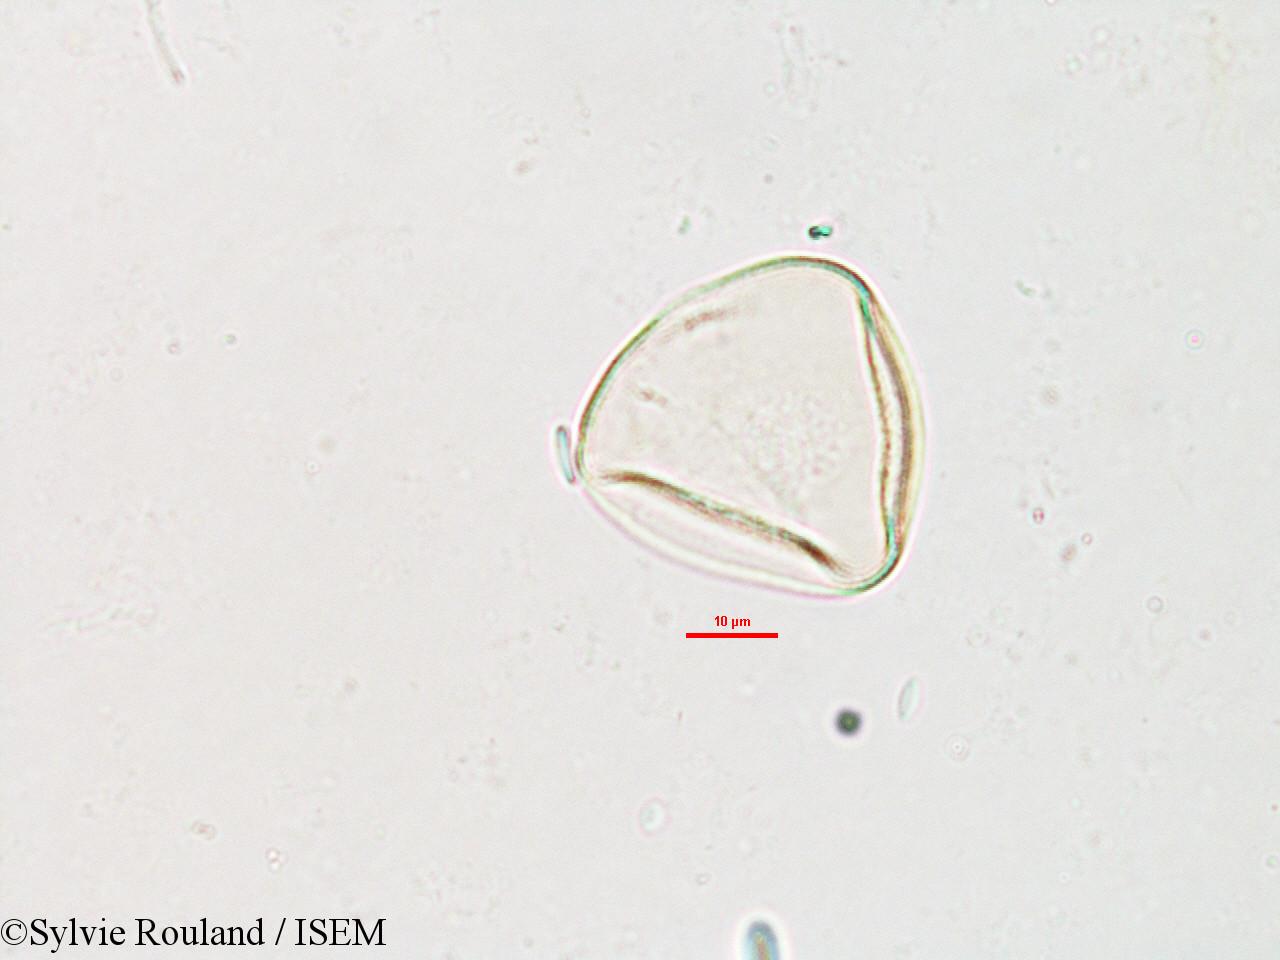 Sylvie.Rouland/Carex_pyramidalis_2609/Carex_pyramidalis_2609_0004(copy).jpg